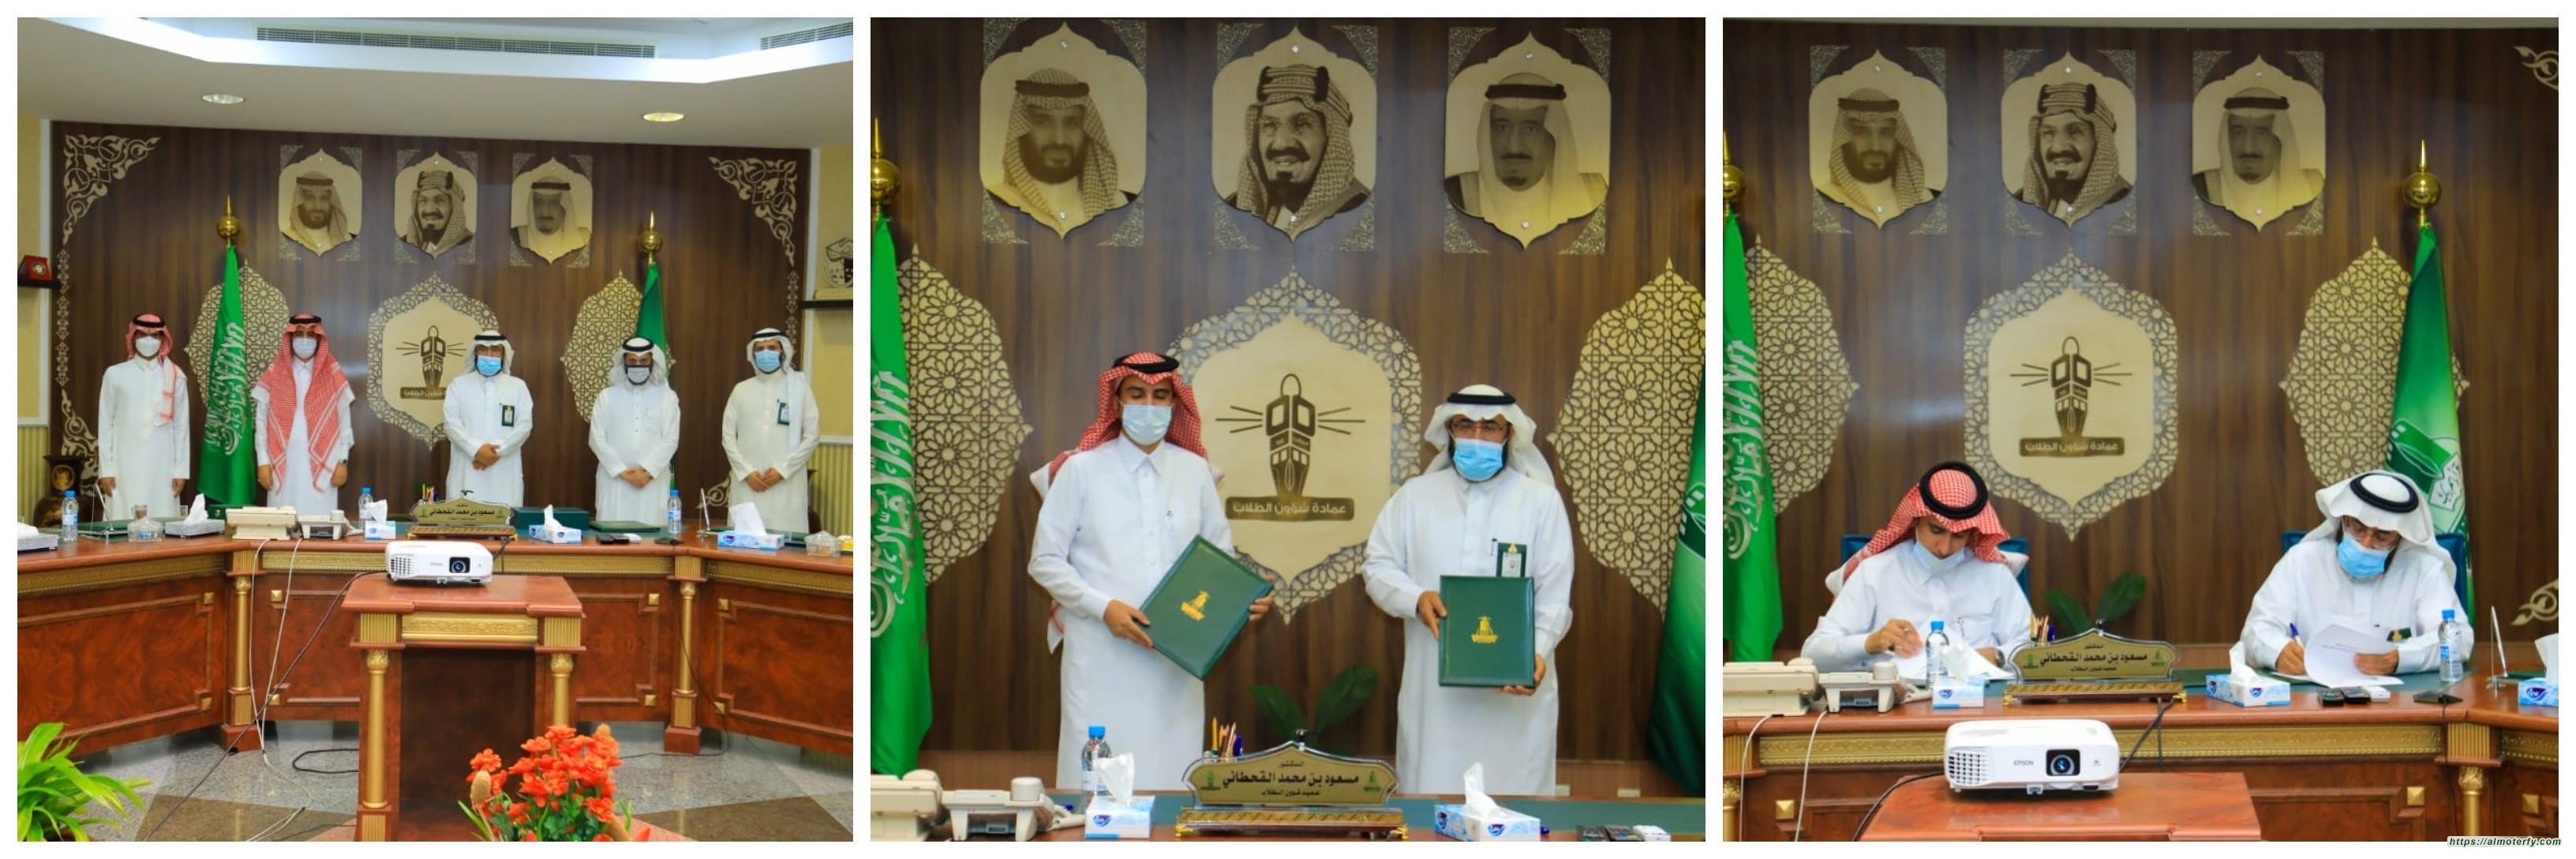 """جامعة """"المؤسس"""" تستعد لإطلاق هاكثون لتعليم القرآن الكريم الأول من نوعه خلال شهر رمضان المبارك"""